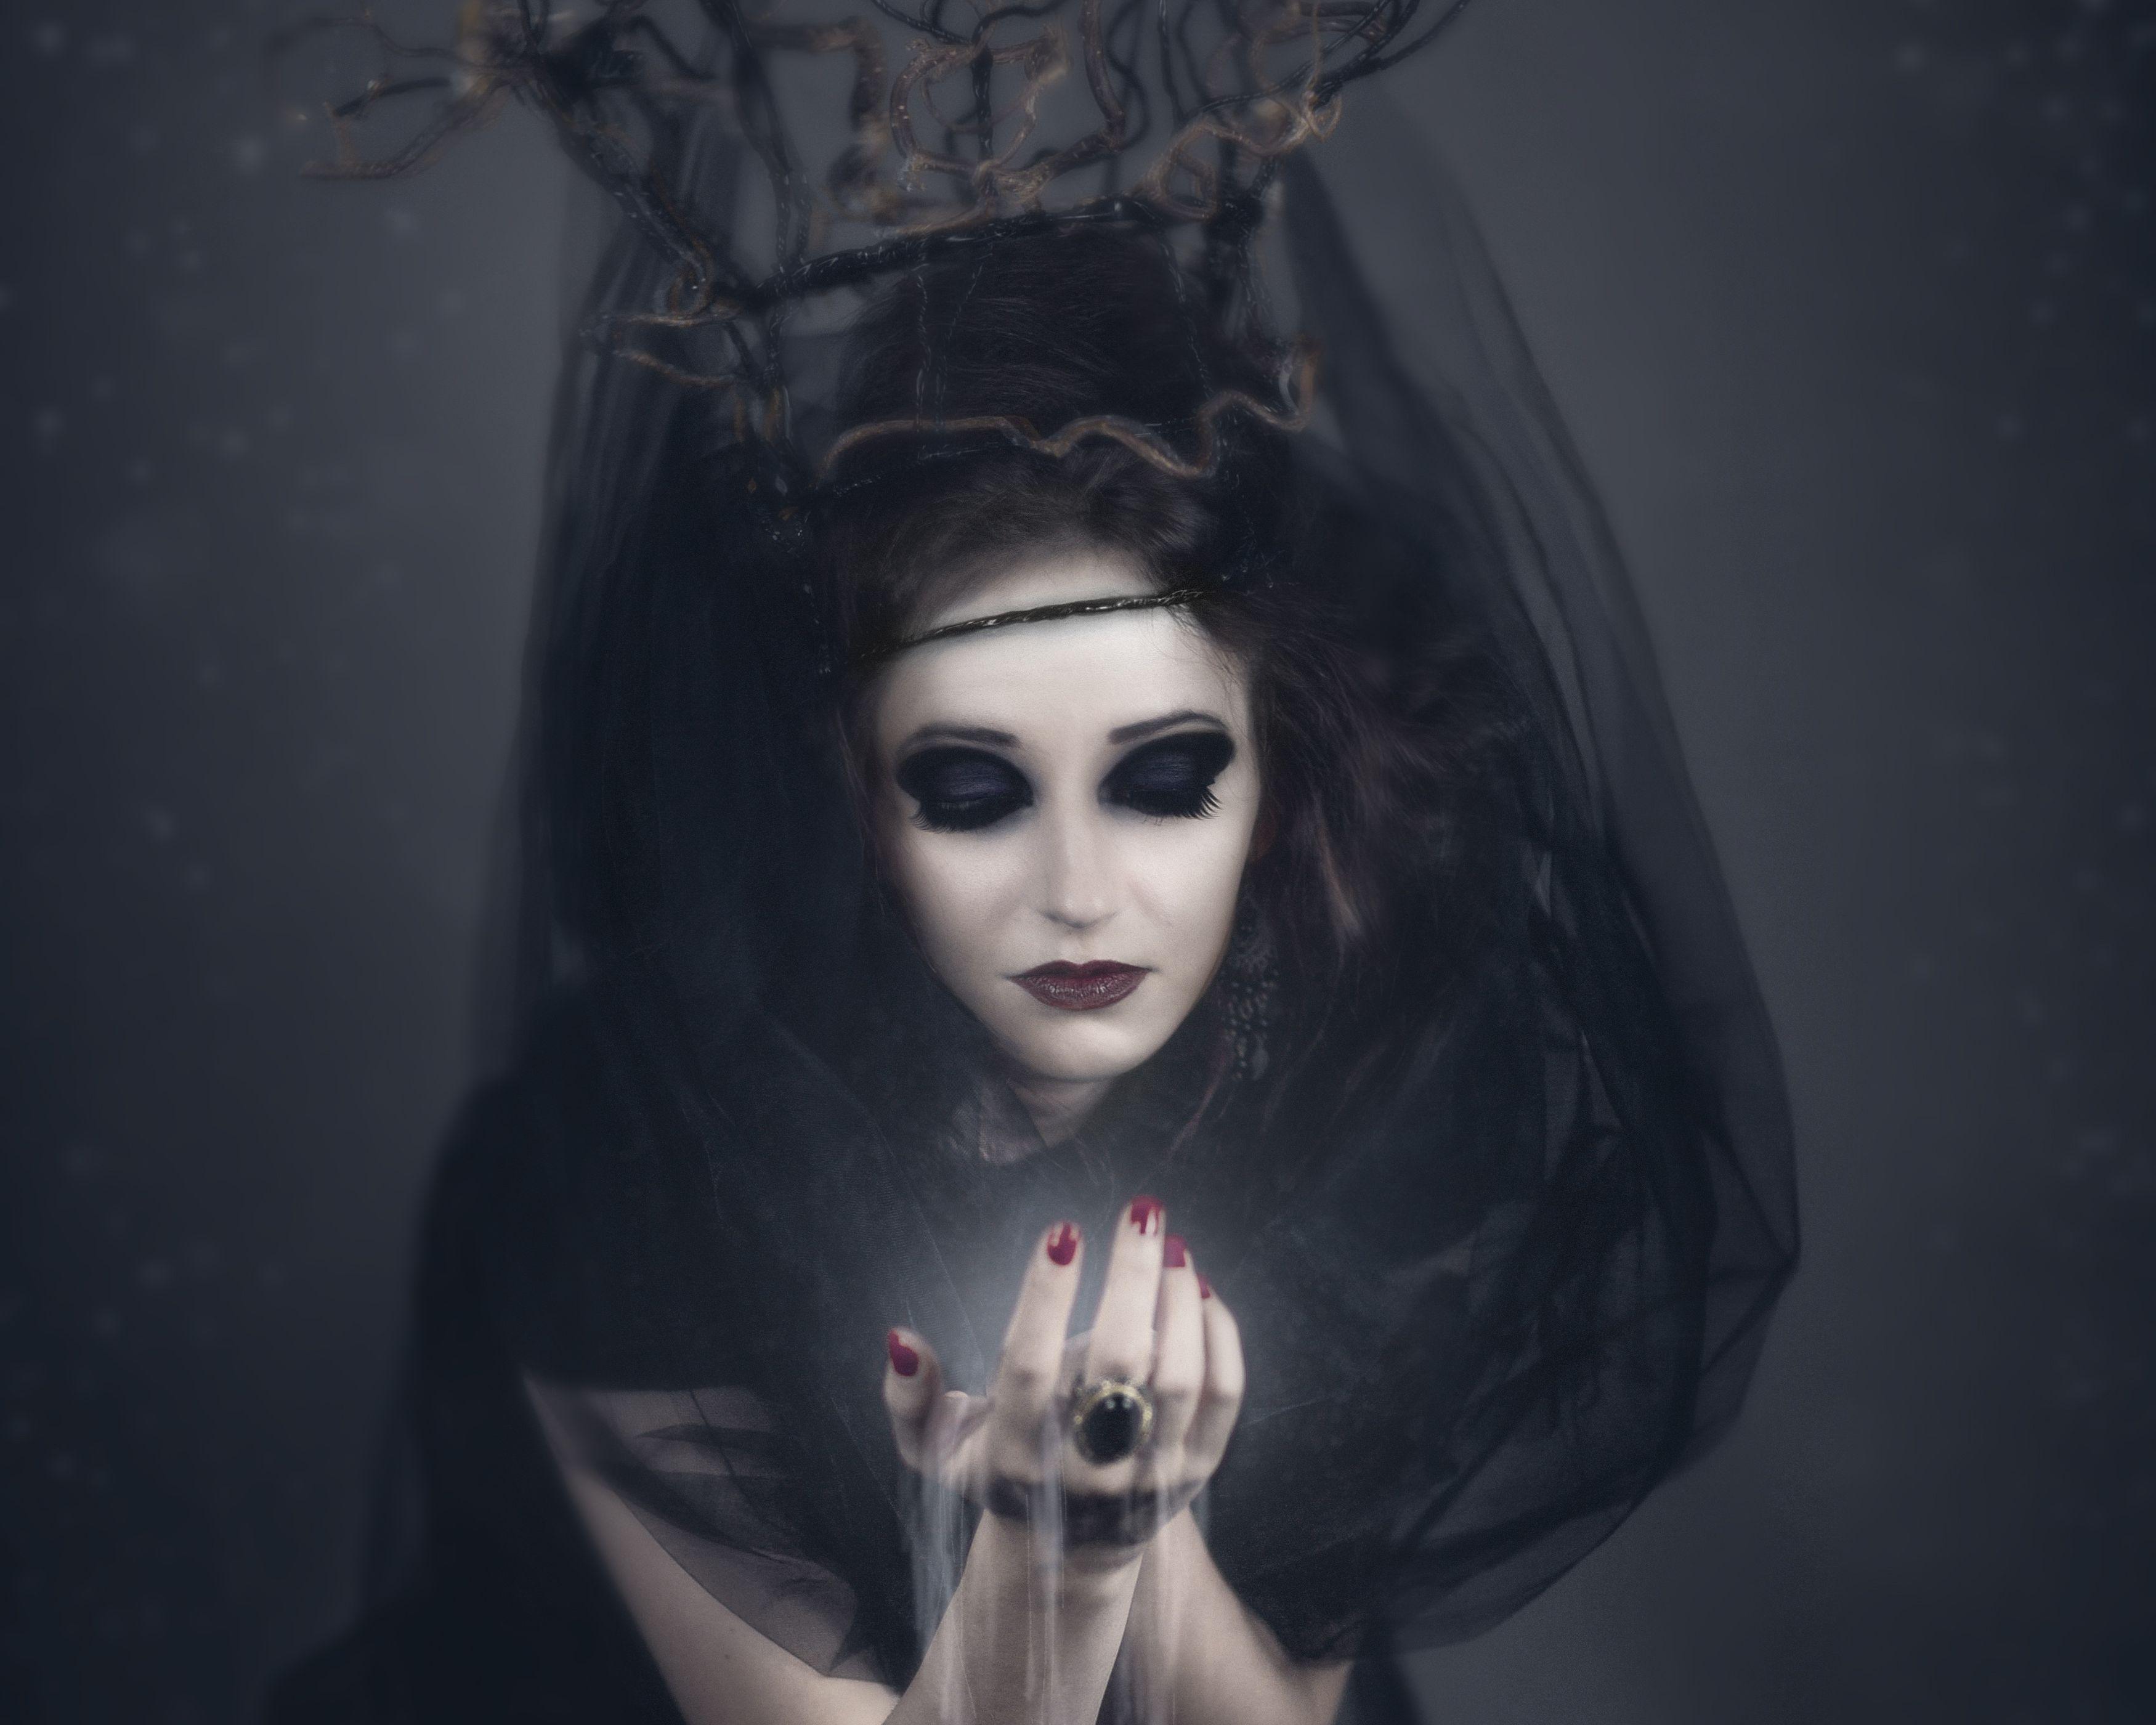 Dark Witch HD Wallpaper